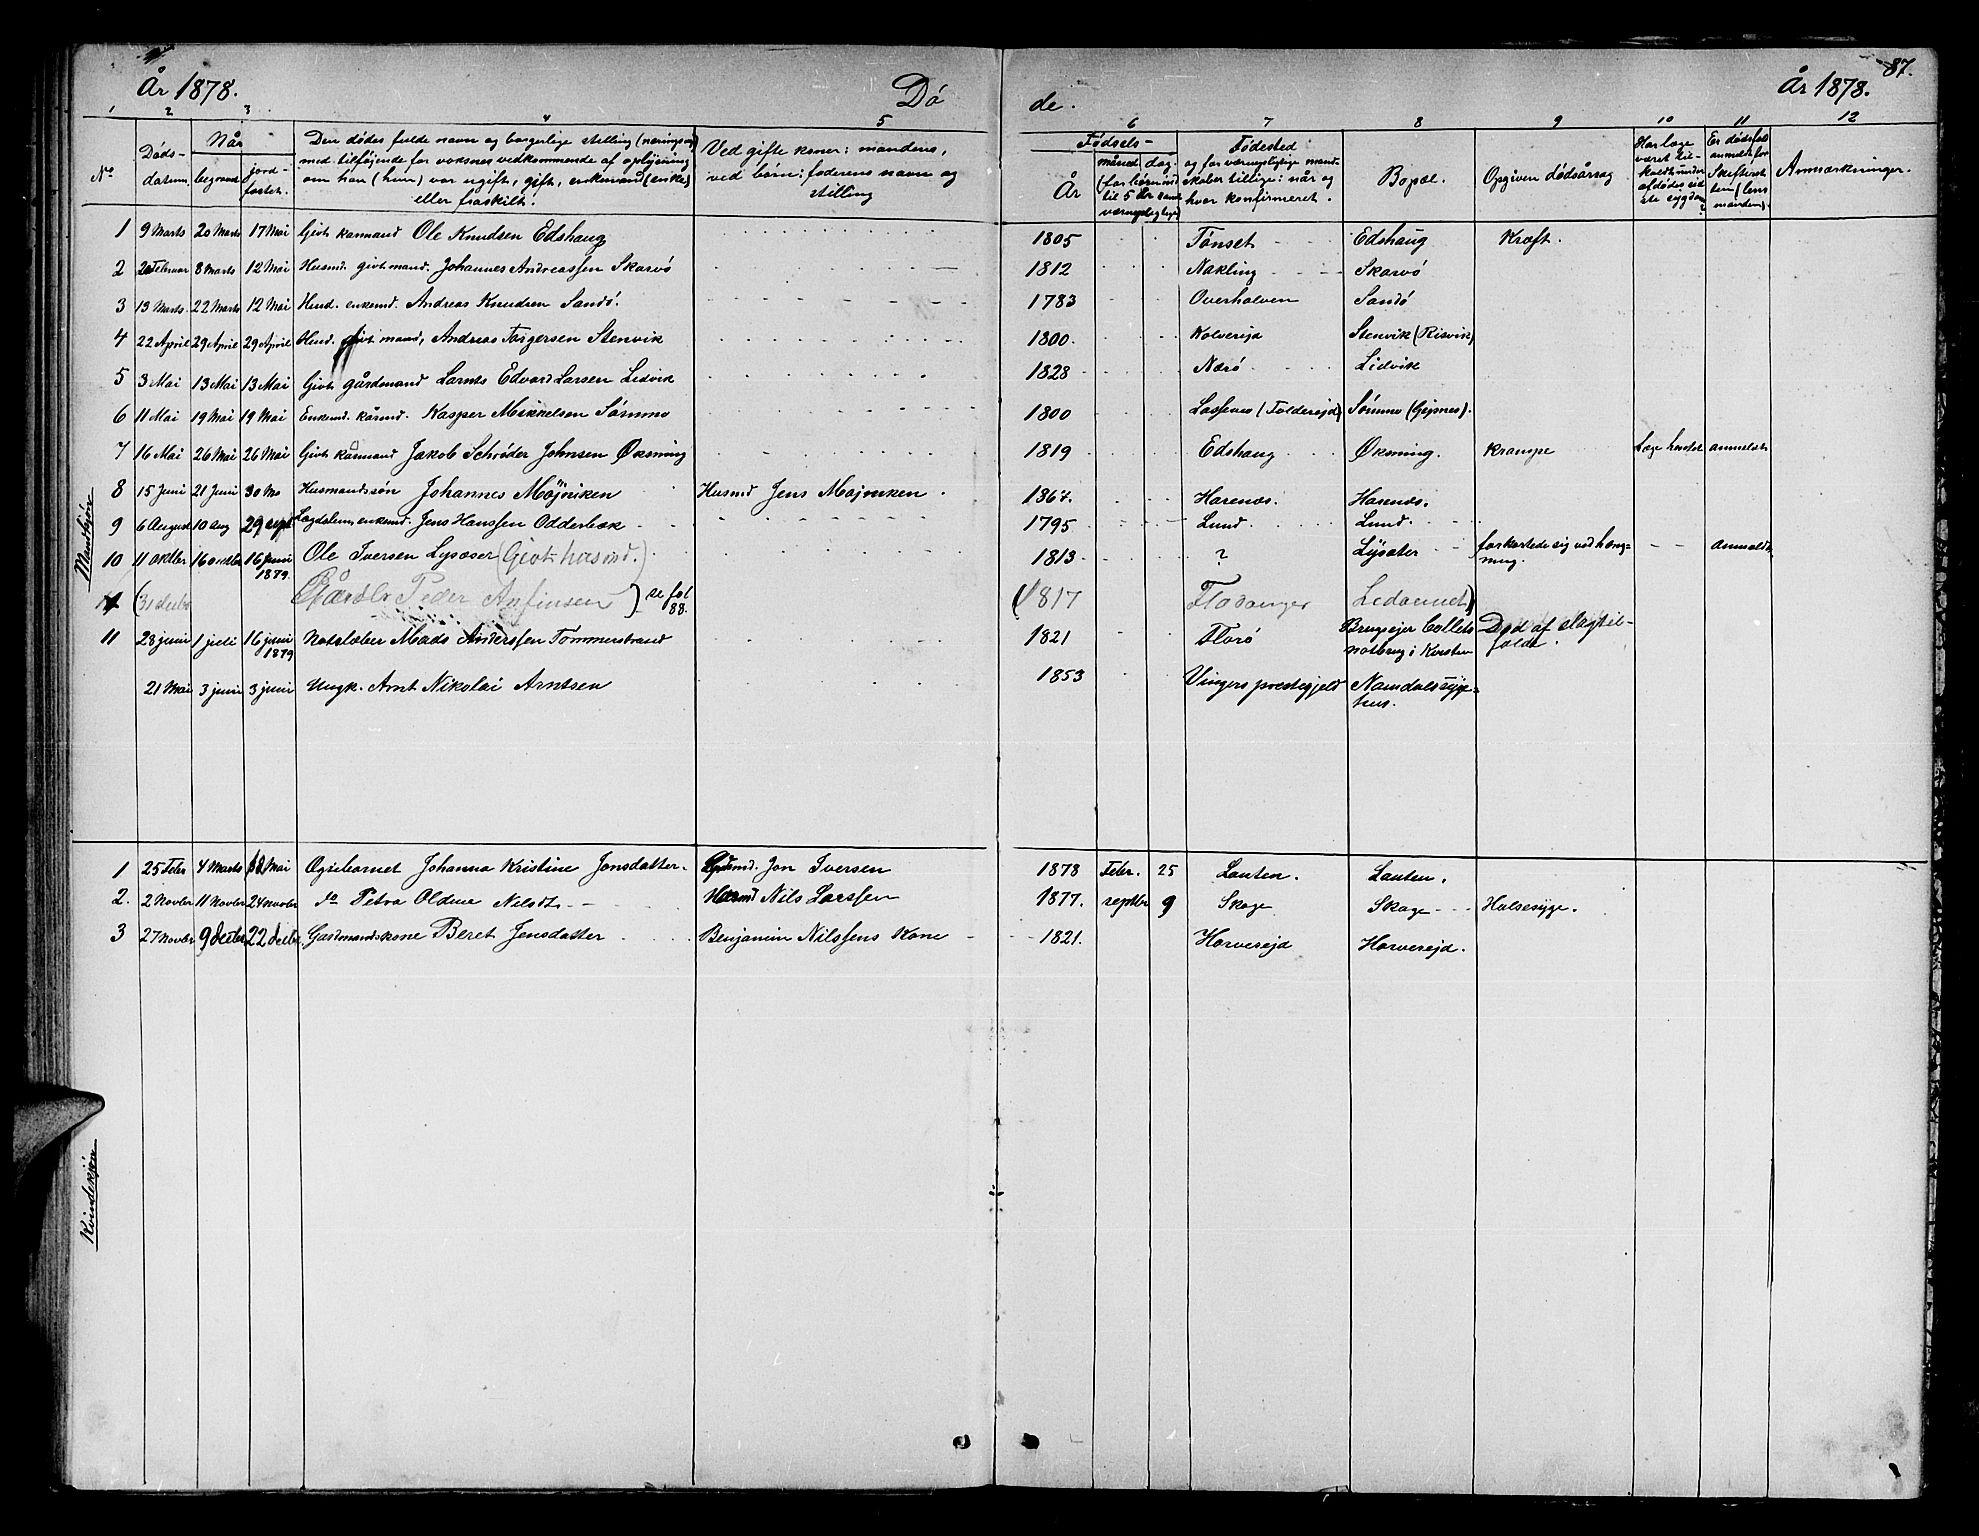 SAT, Ministerialprotokoller, klokkerbøker og fødselsregistre - Nord-Trøndelag, 780/L0650: Klokkerbok nr. 780C02, 1866-1884, s. 87